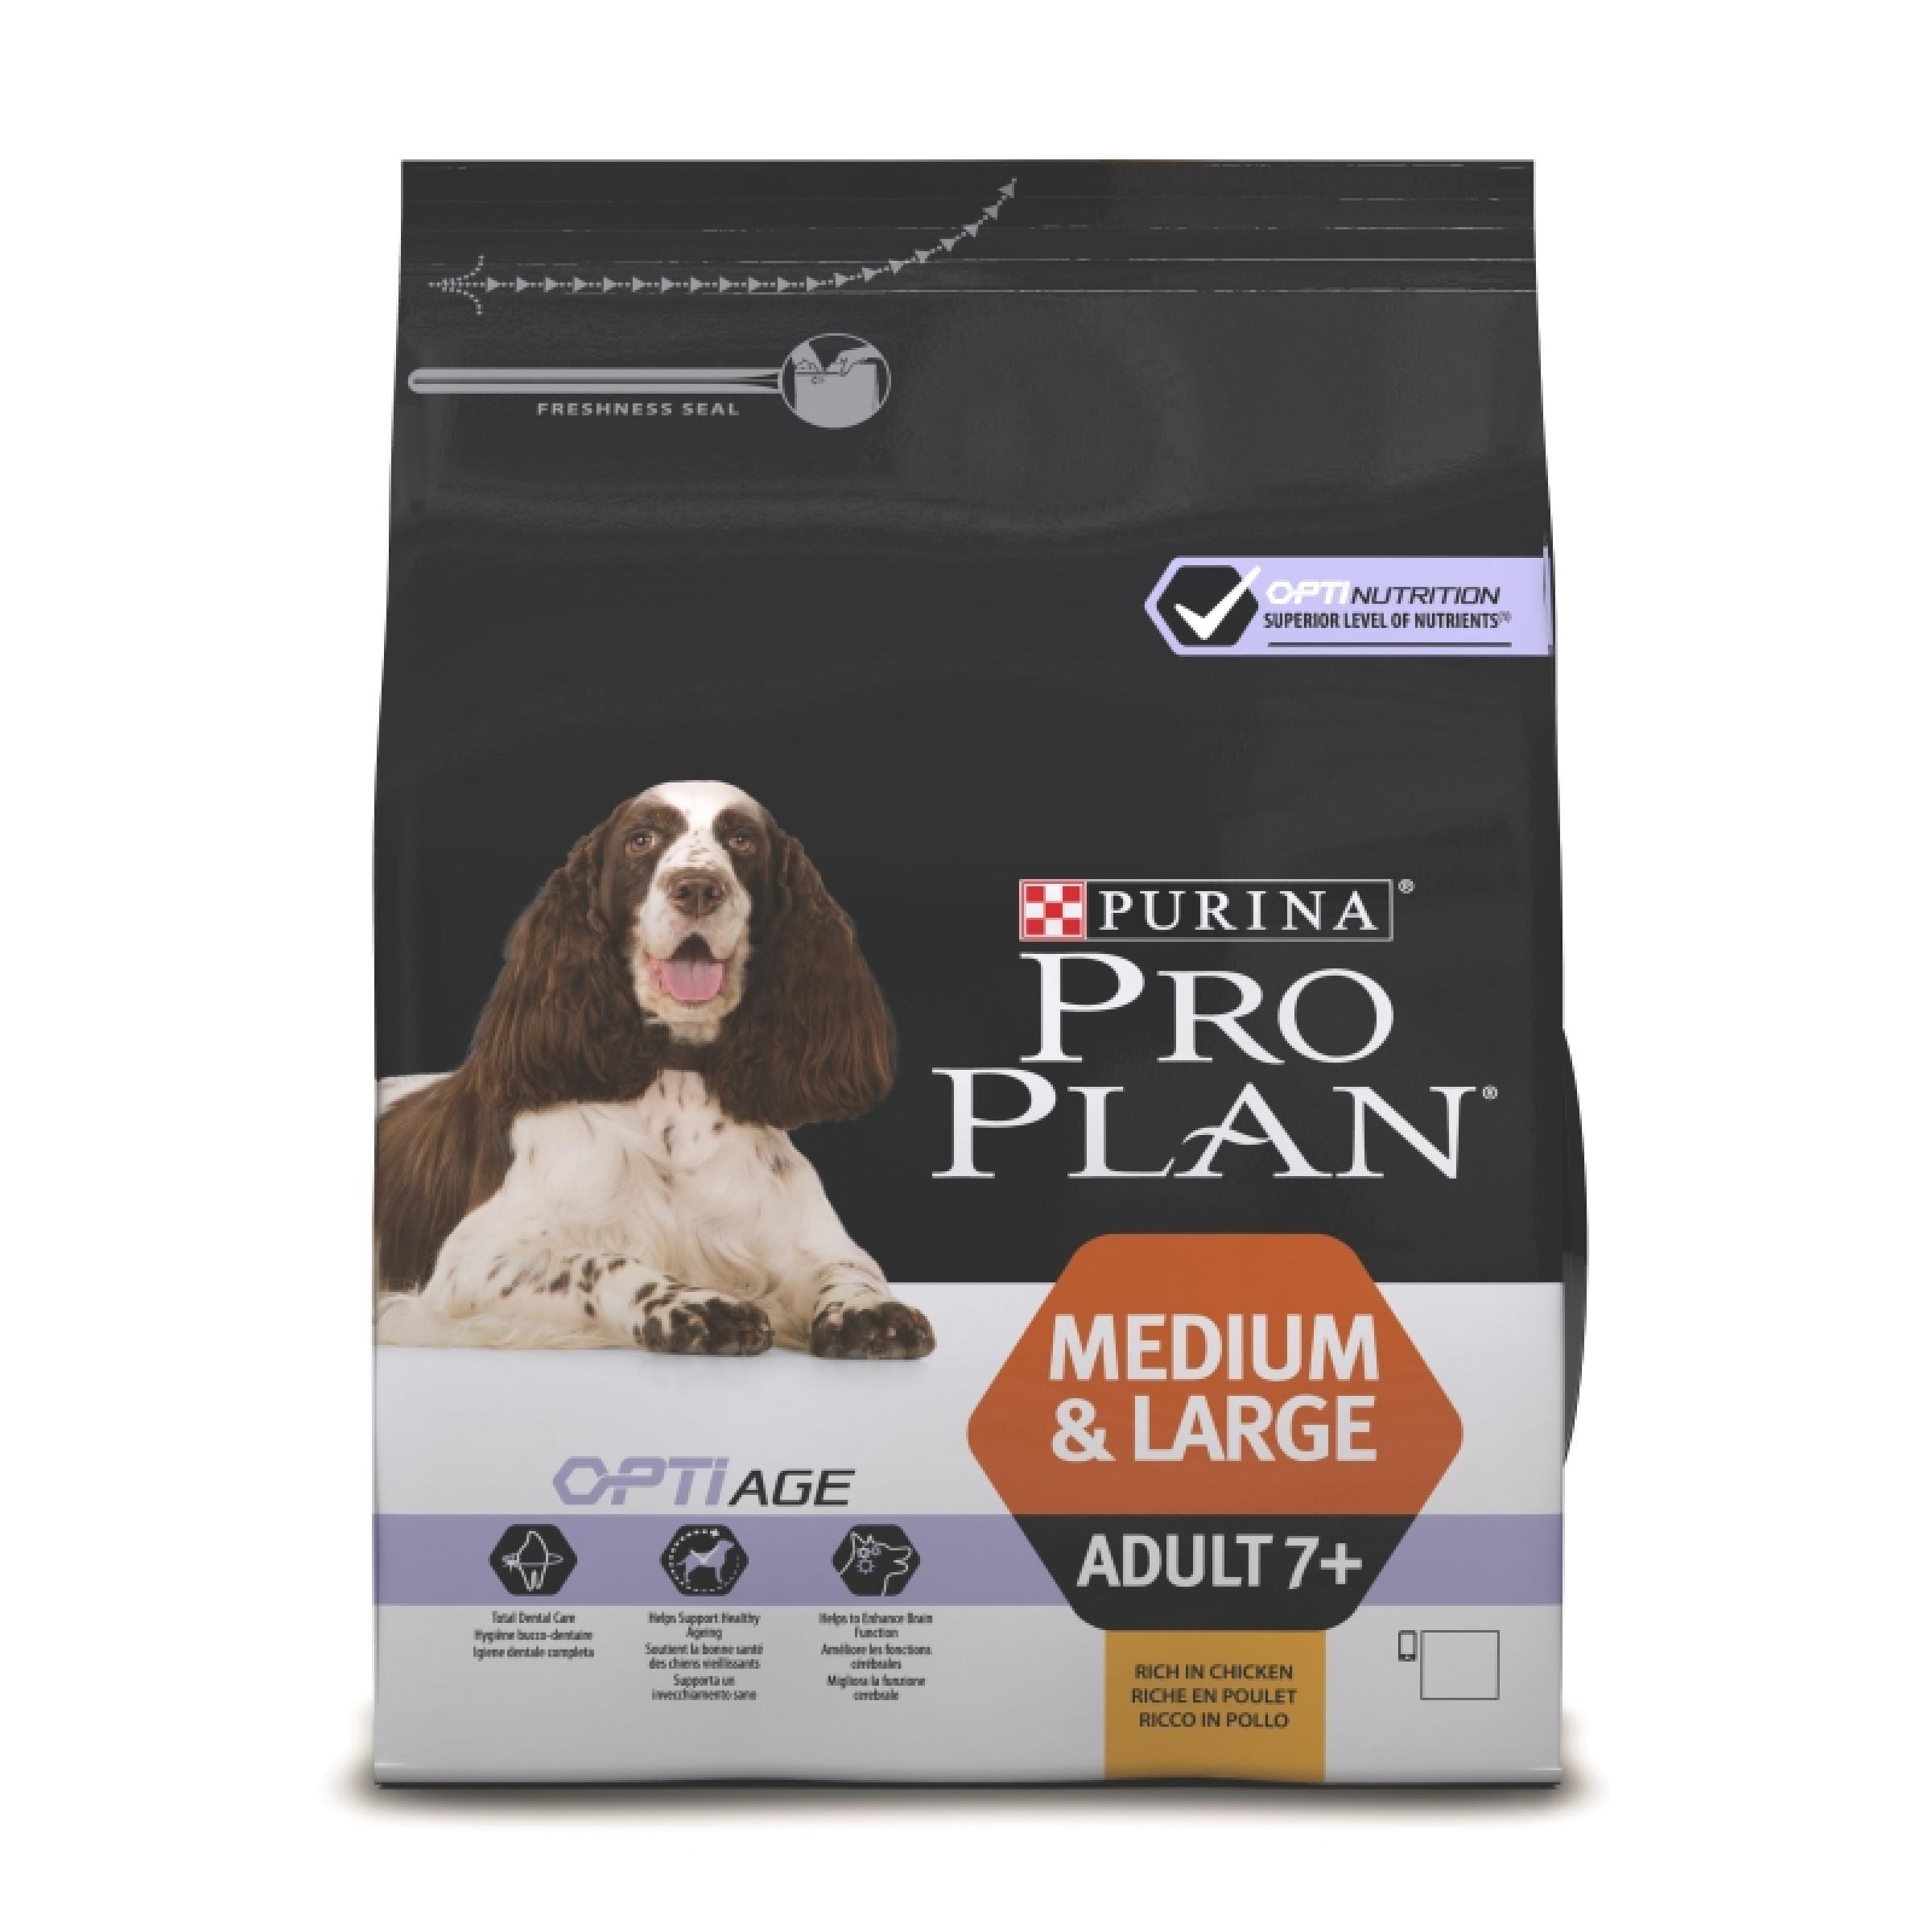 Сухой корм PRO PLAN® OPTIAGE® для собак старше 7 лет средних и крупных пород, 3кг